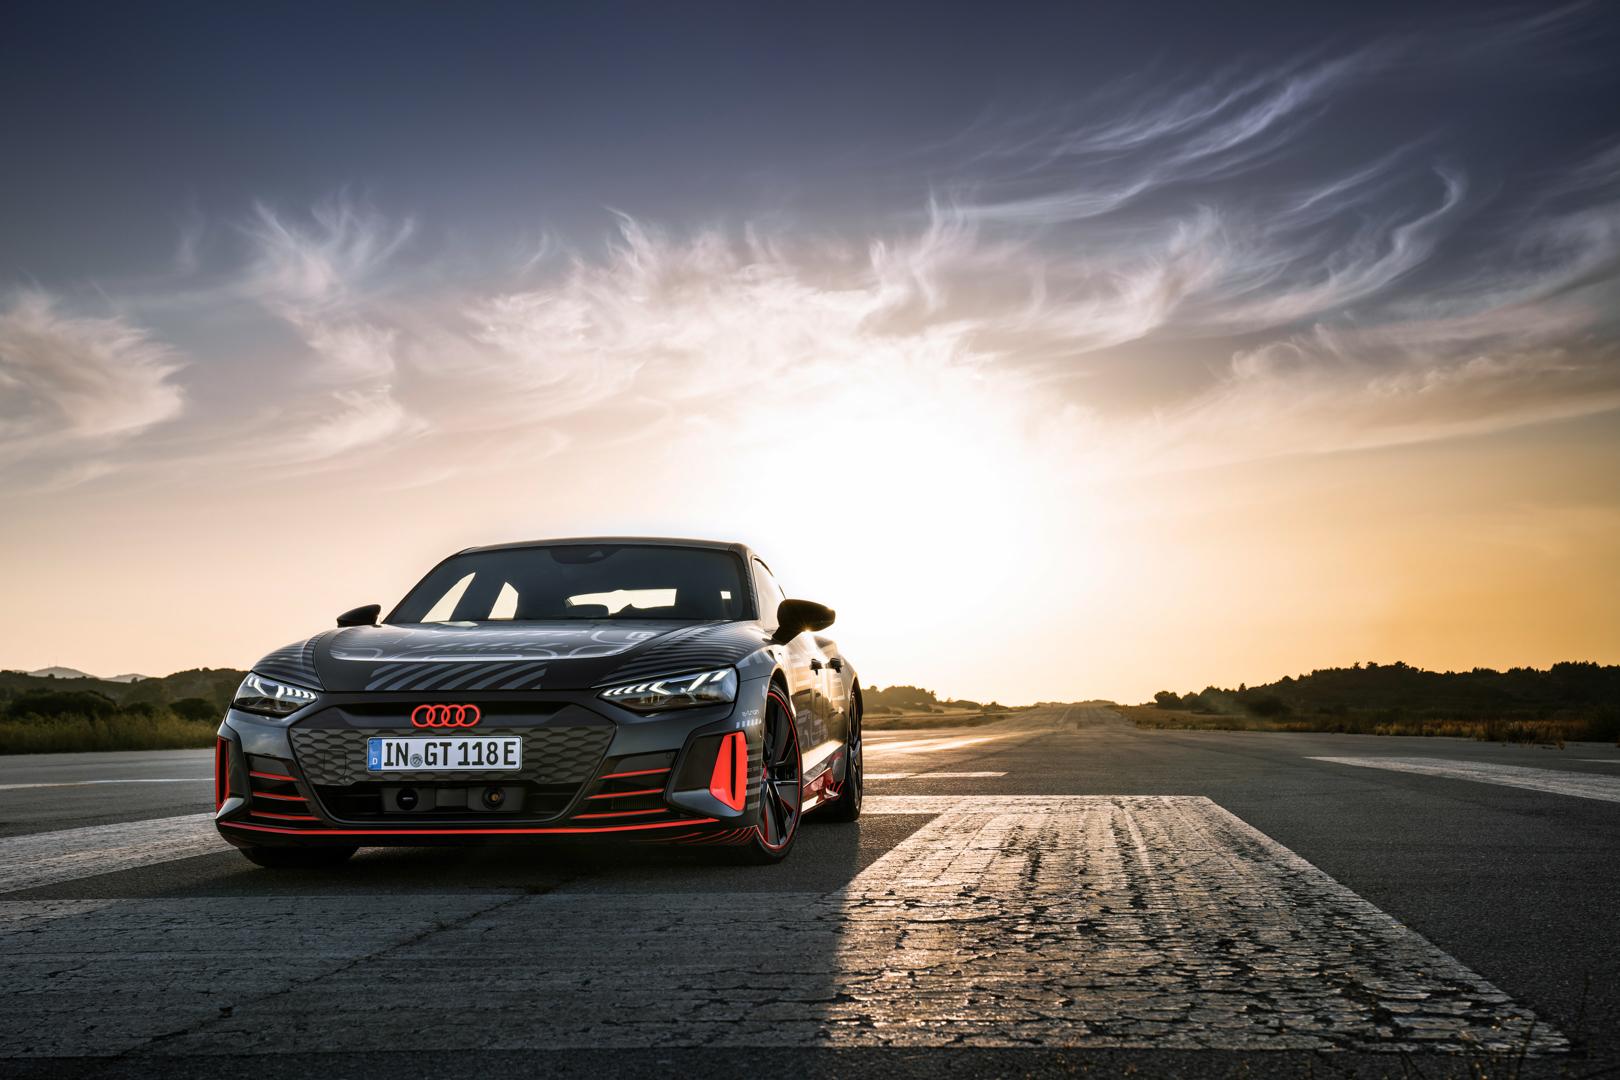 Audi хочет отказаться от внутреннего сгорания к 2040 году — сможет ли BMW последовать этому примеру?